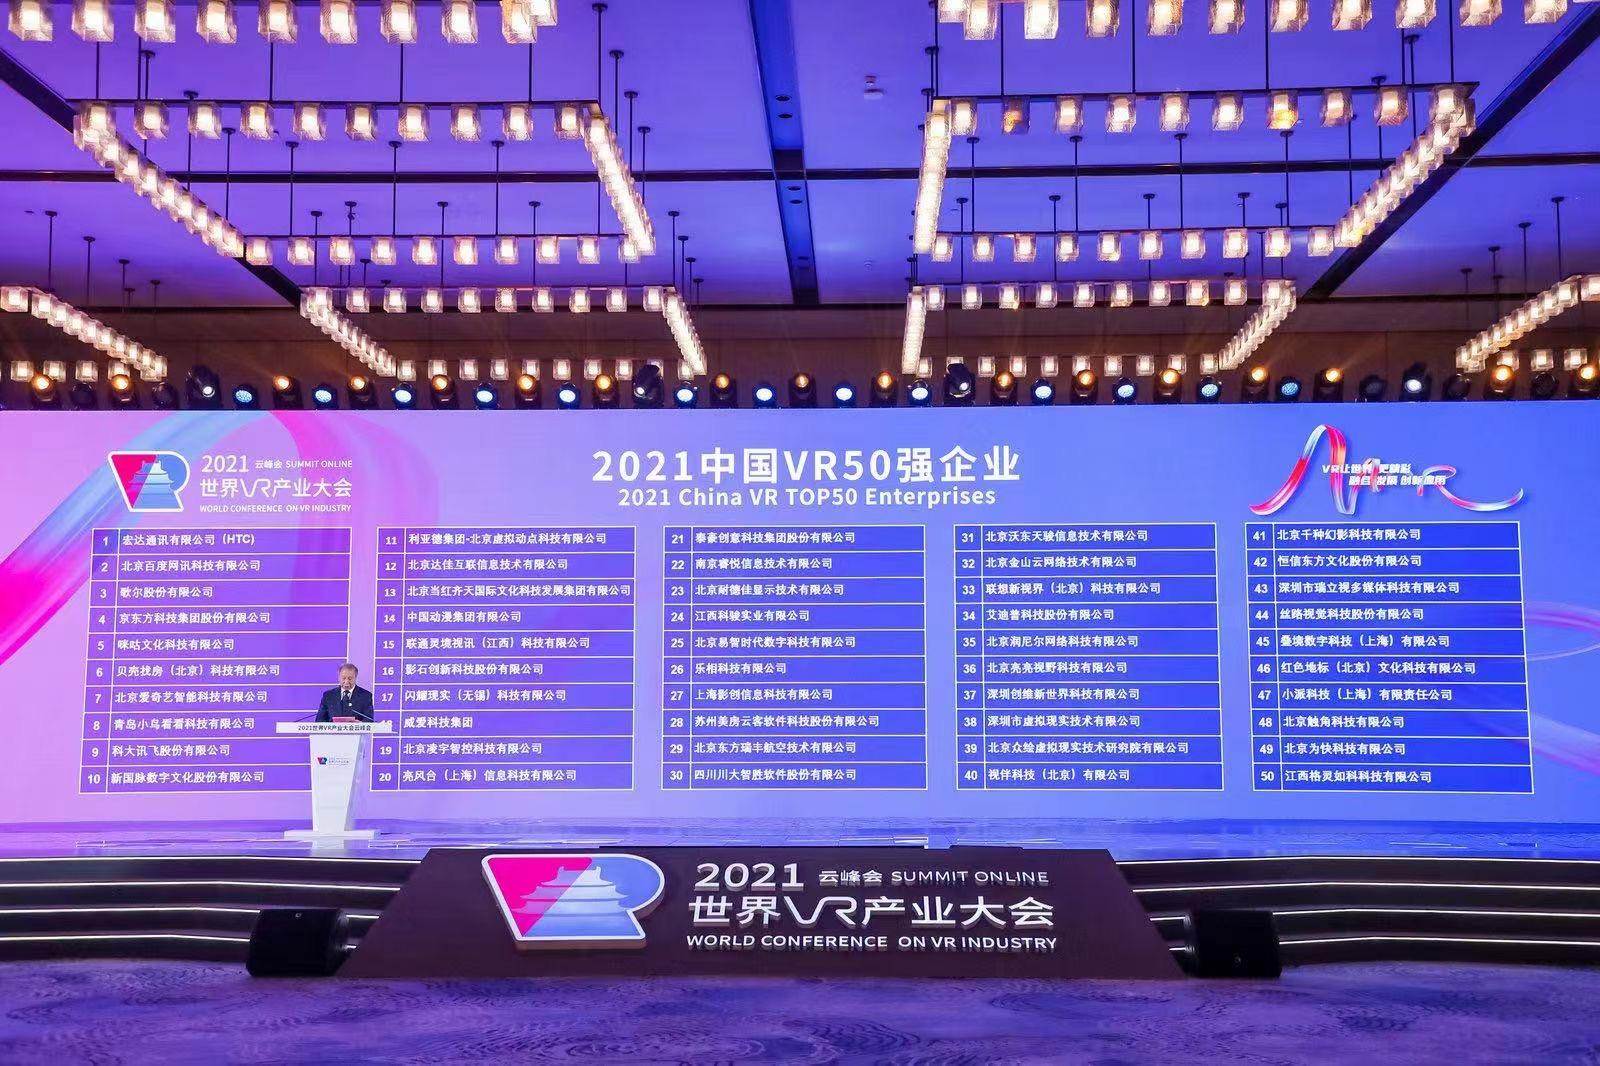 再次获评中国VR50强,科骏在世界VR产业大会展示VR教育最新成果